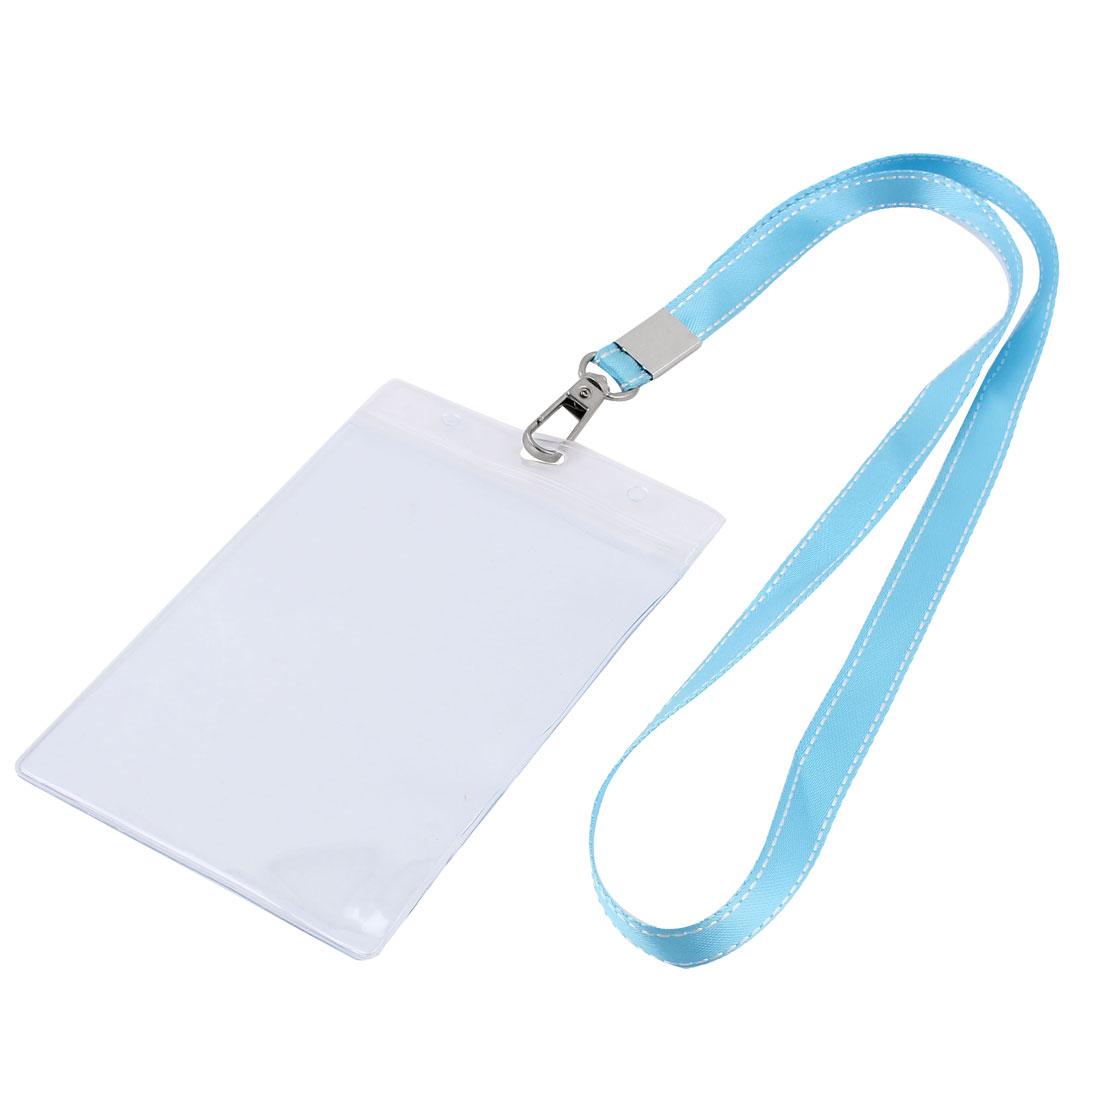 Plastic Vertical Design Teal Neck Strap Name Company Position Badge Card Holder